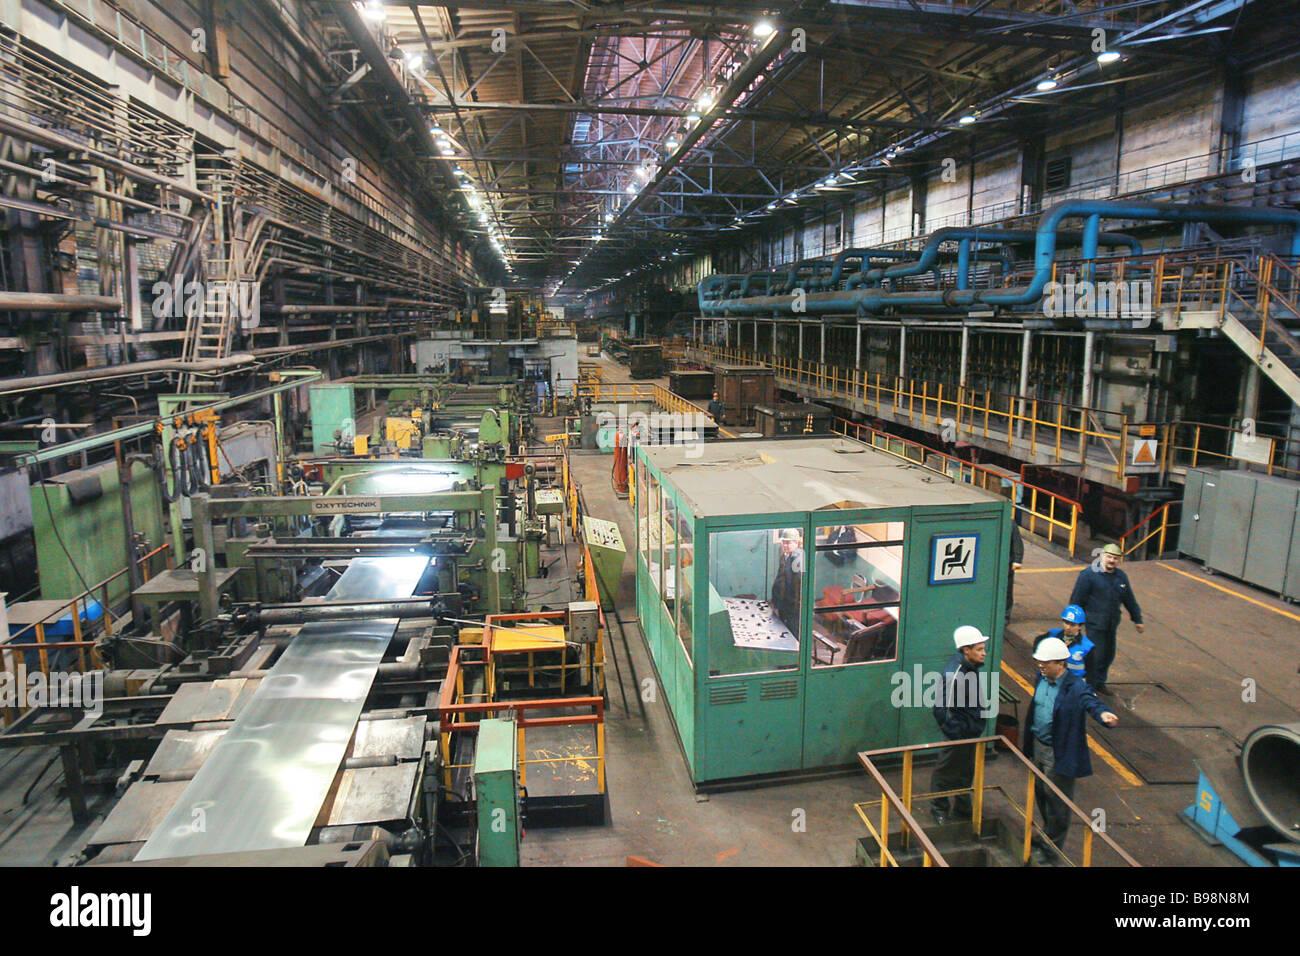 El enfriamiento continuo y línea de decapado en Chelyabinsk Planta metalúrgica Imagen De Stock